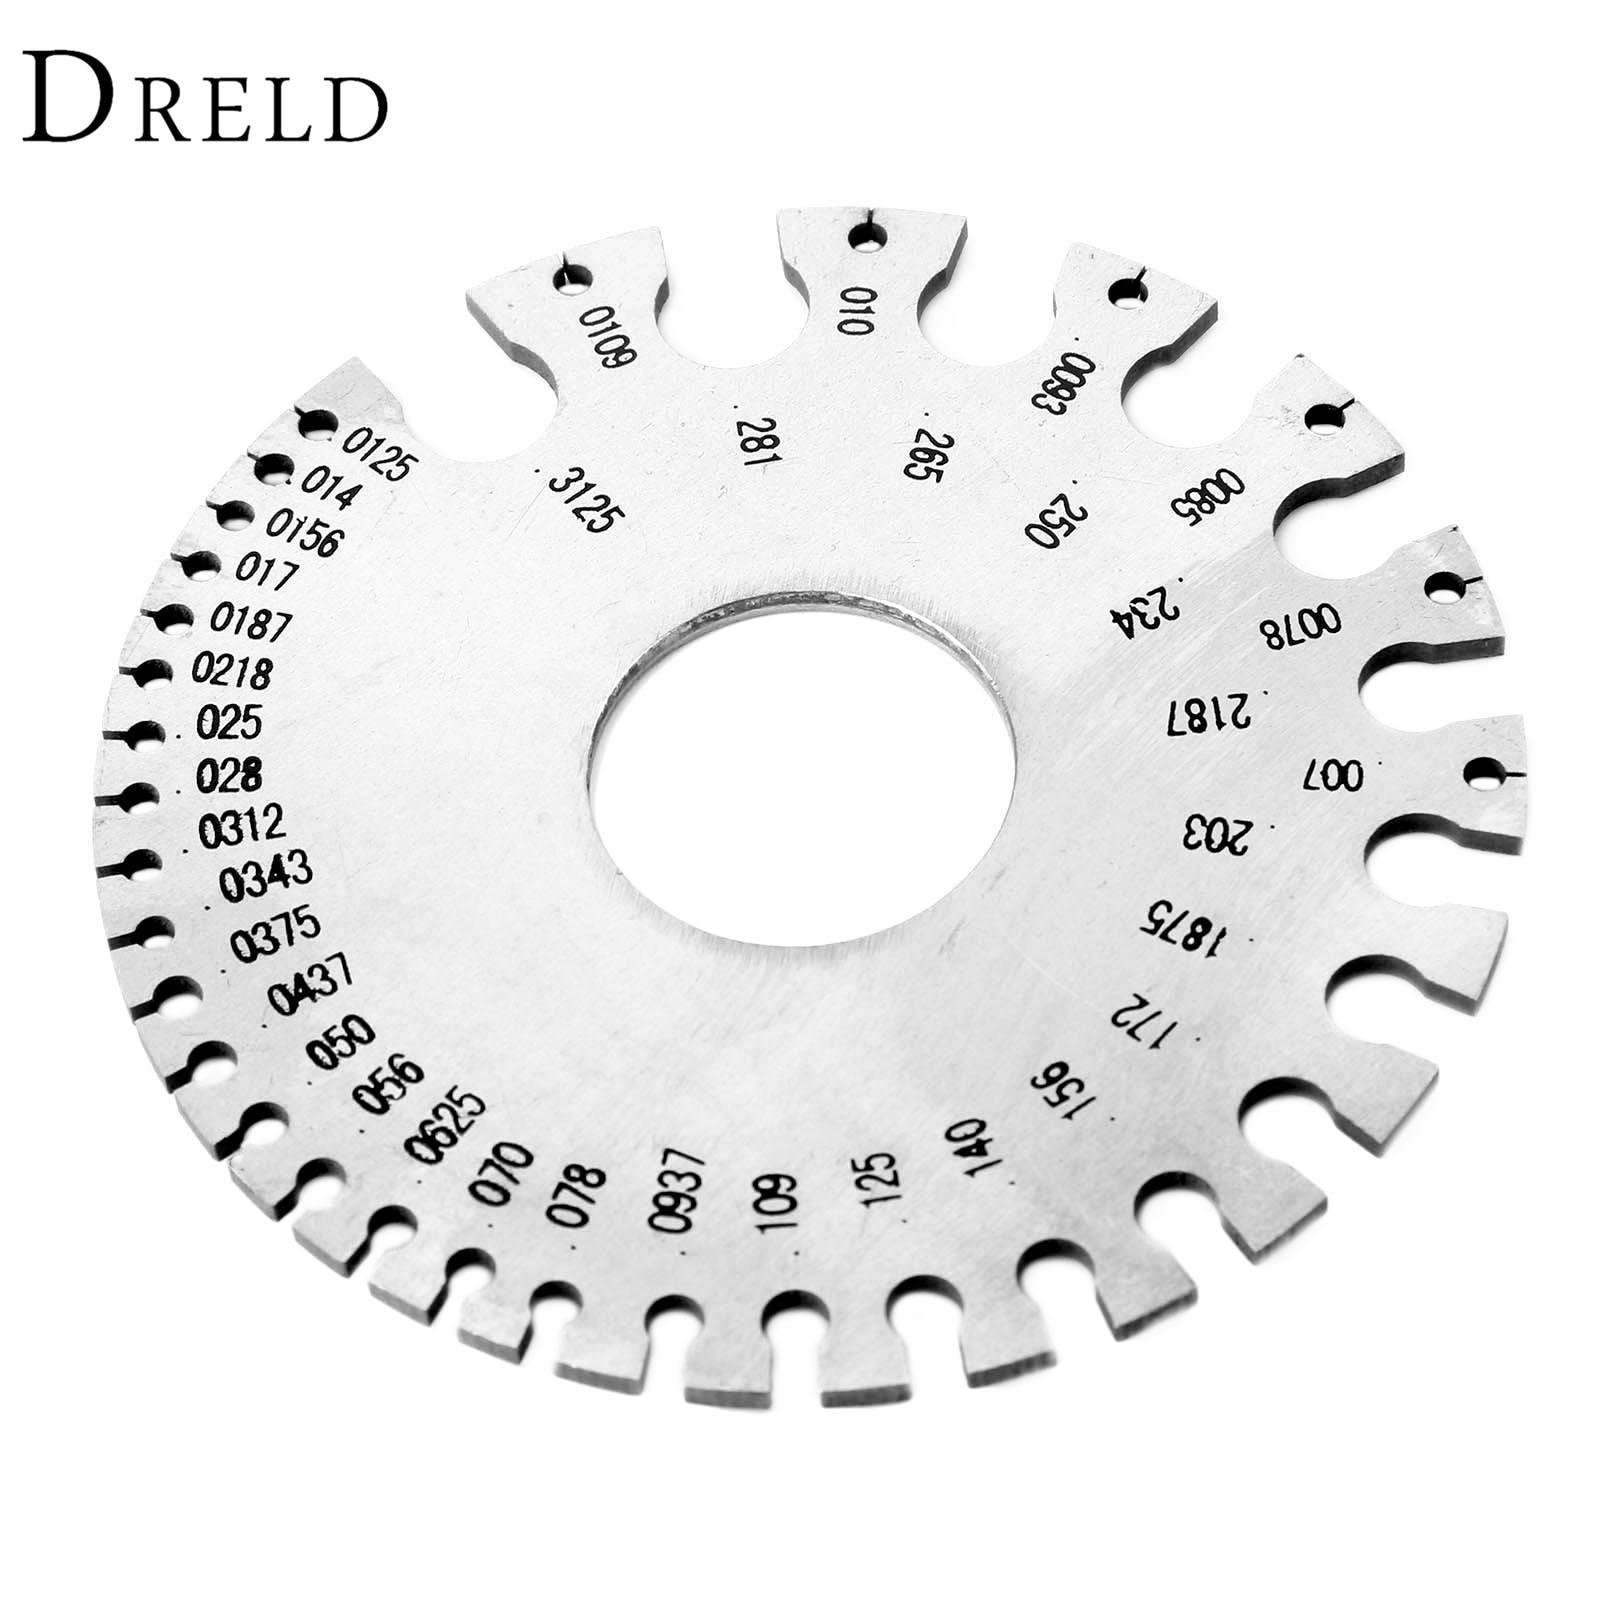 hight resolution of dreld 0 36 stainless steel wire gauge weld diameter gauge welding inspection inch measuring gauges fpr measurement tool with bag